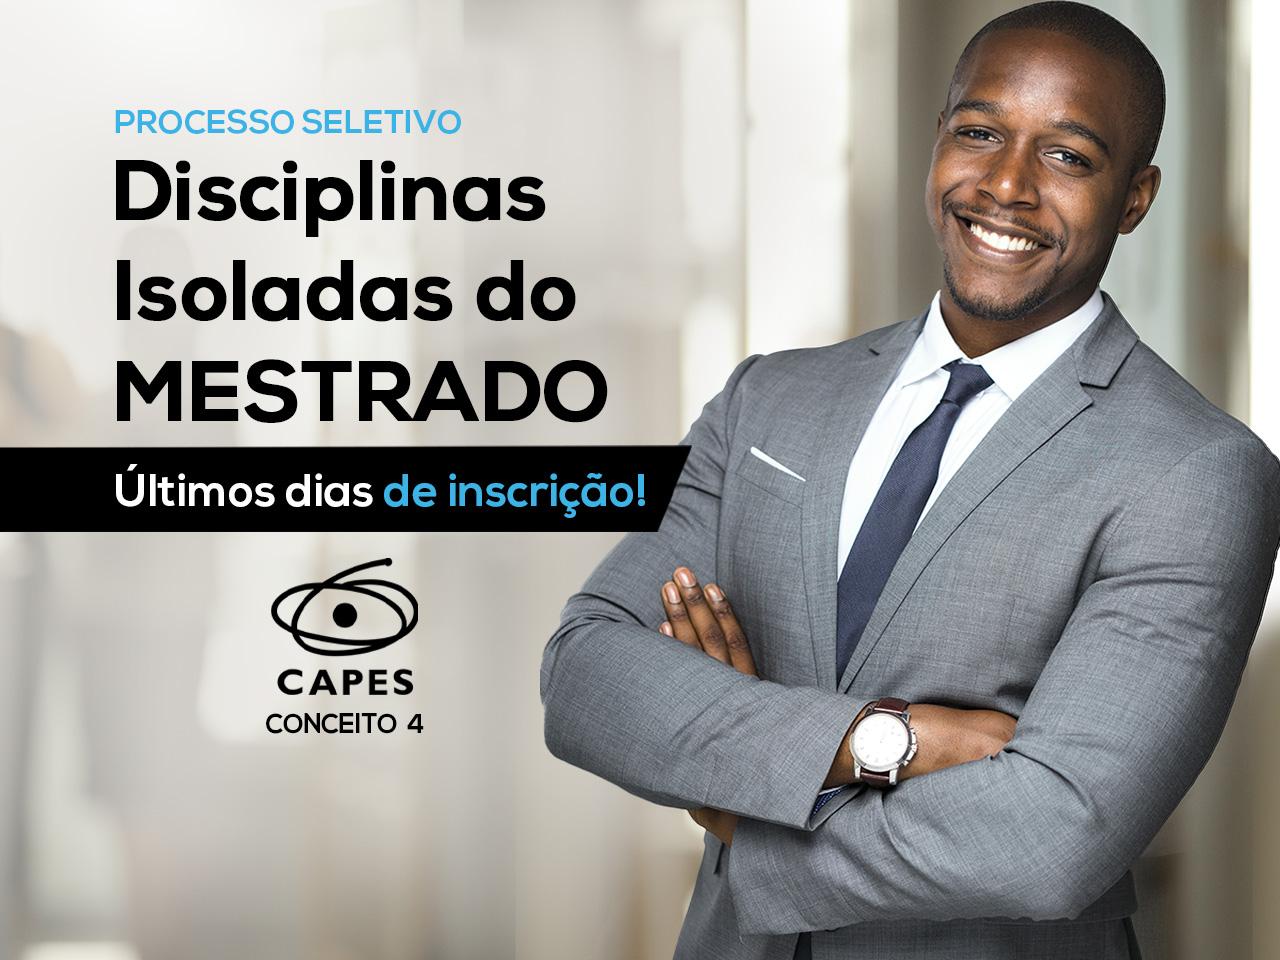 Noticia 6800 - INSCRIÇÕES ABERTAS PARA AS DISCIPLINAS ISOLADAS DO MESTRADO